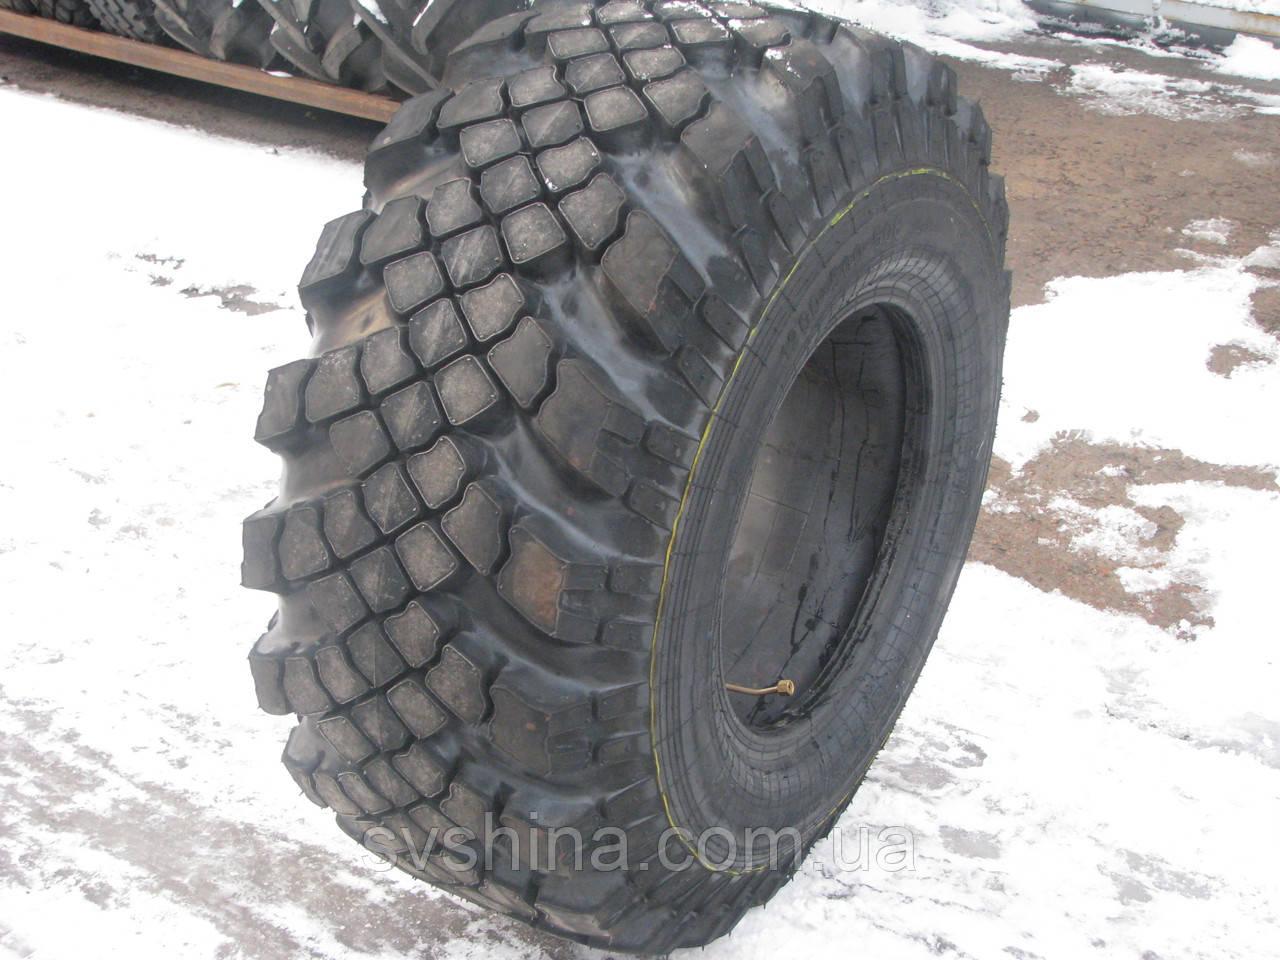 Грузовые шины 500/70-20 (1200x500-508) Росава ИД-П 284, 16 нс. на автомобили УРАЛ.